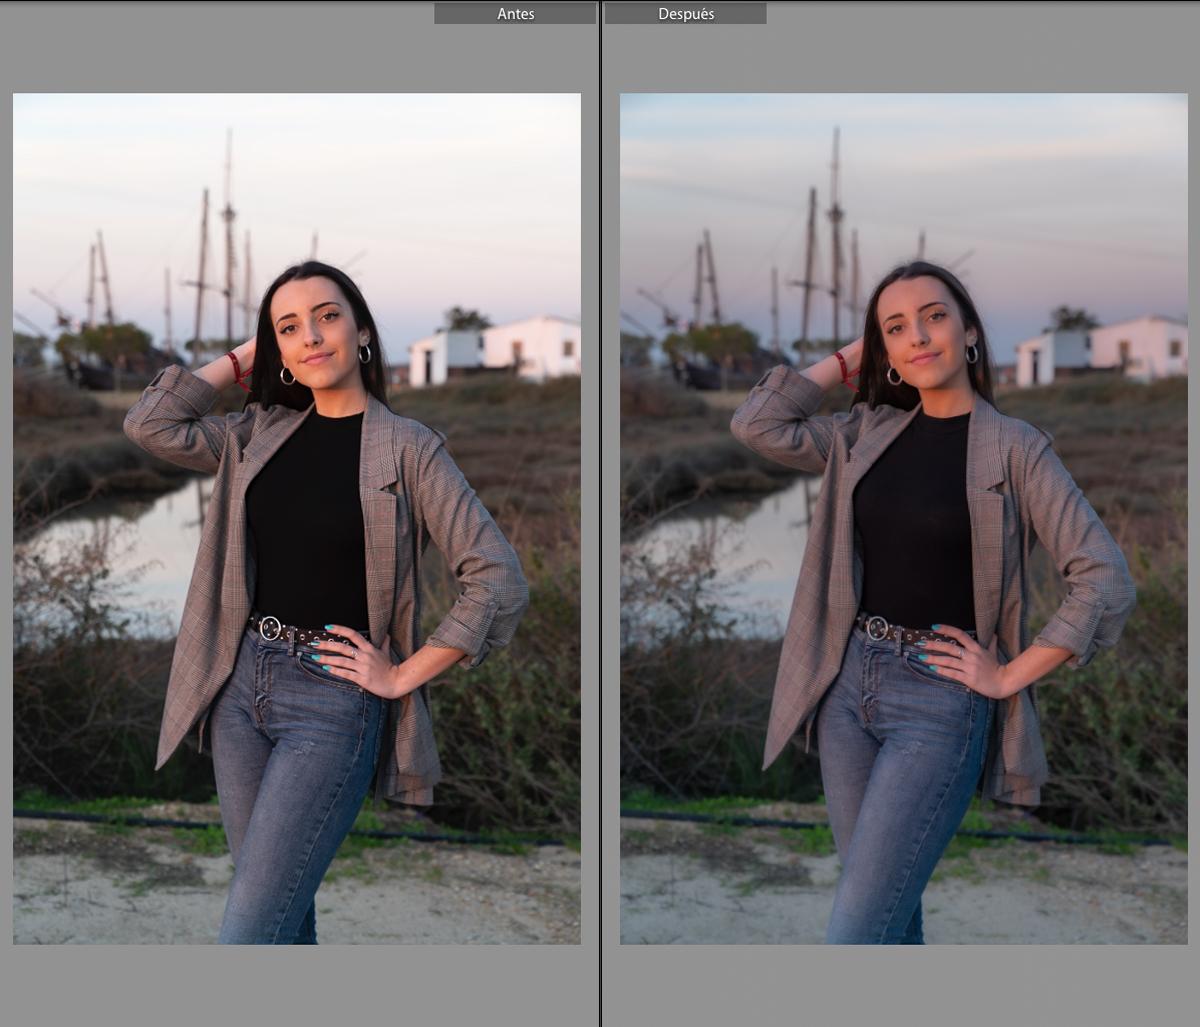 Comparación después del primer paso en la edición de retratos